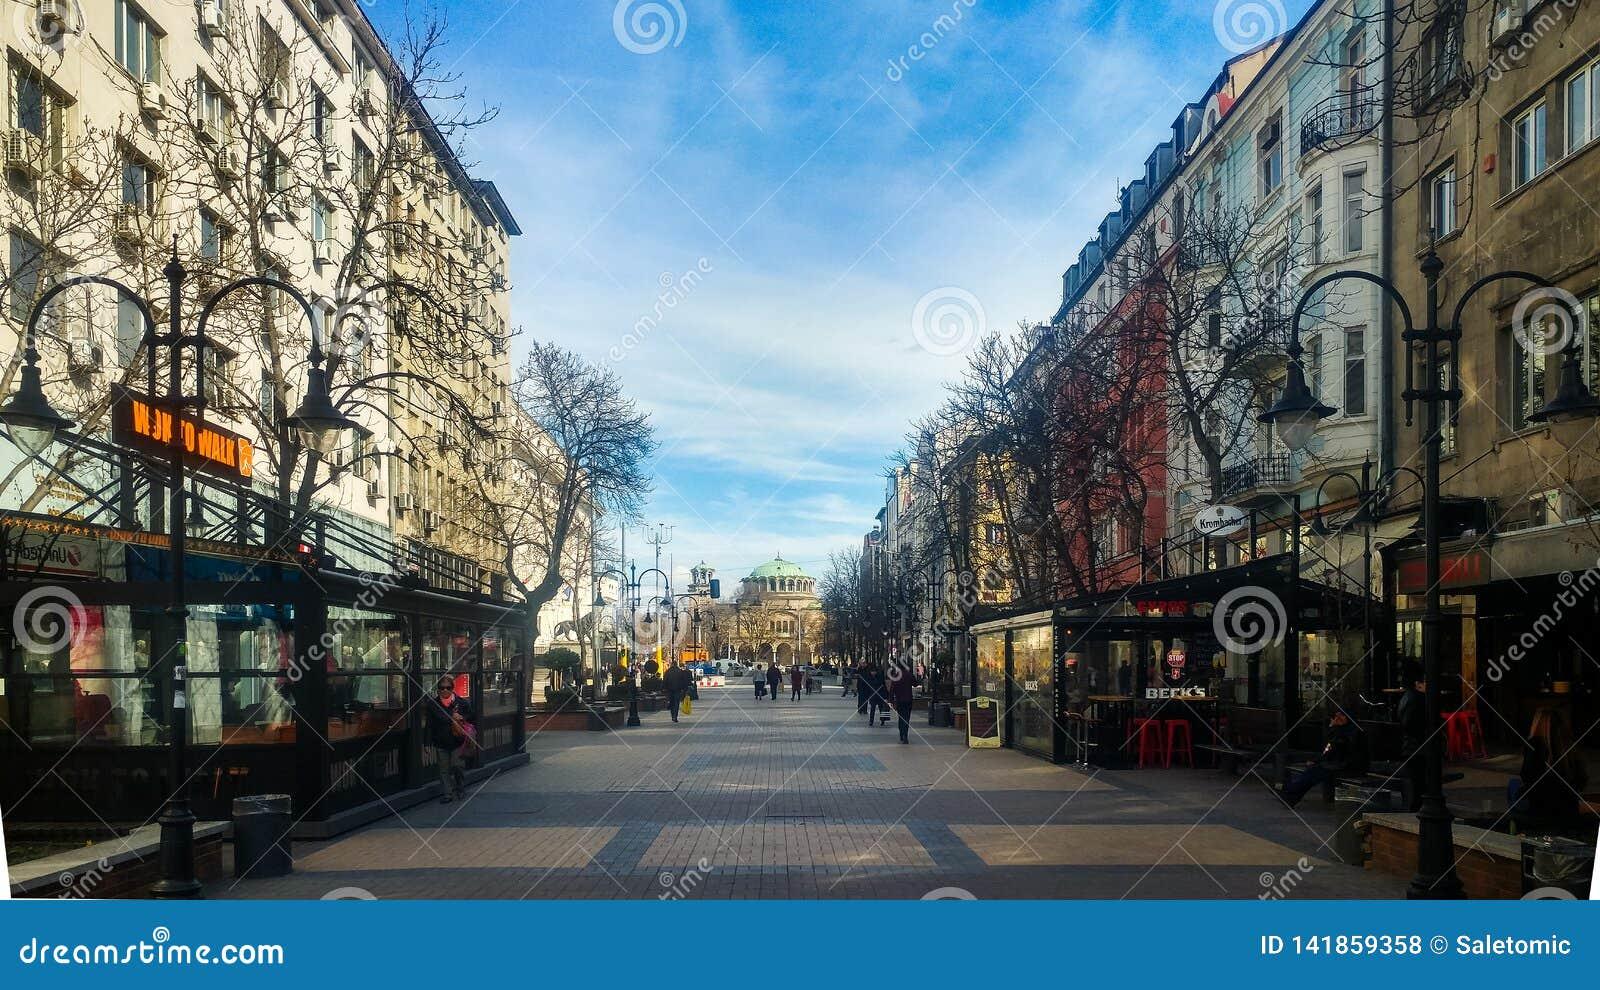 Sófia, Bulgária - 11 de março de 2019: Rua de passeio pedestre de Sófia em um dia ensolarado